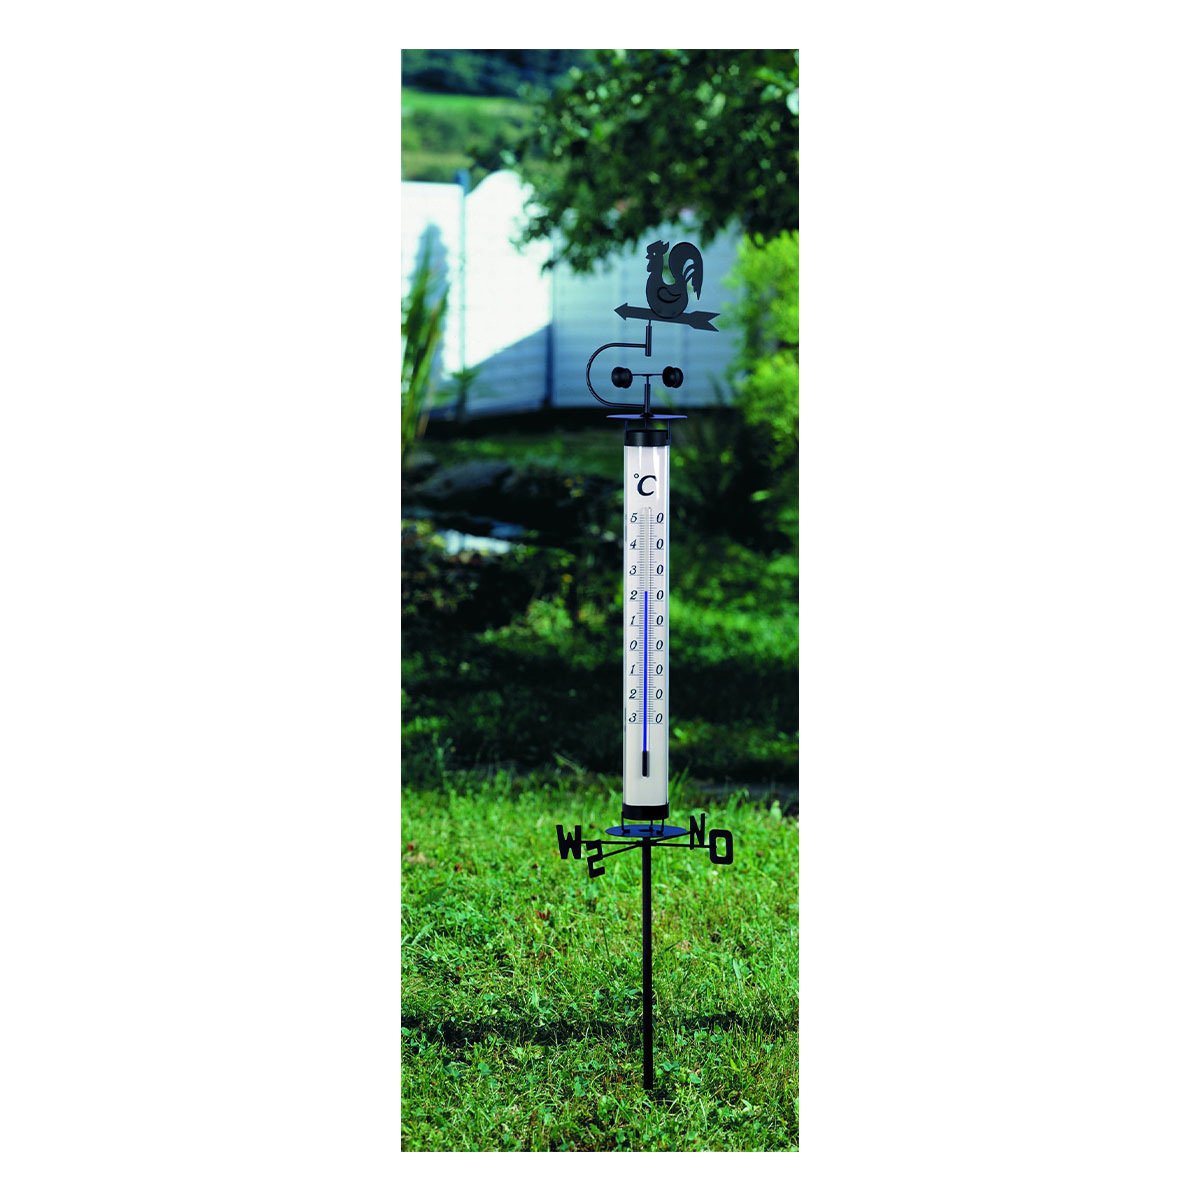 12-2035-analoges-gartenthermometer-mit-wetterhahn-und-windrad-anwendung-1200x1200px.jpg